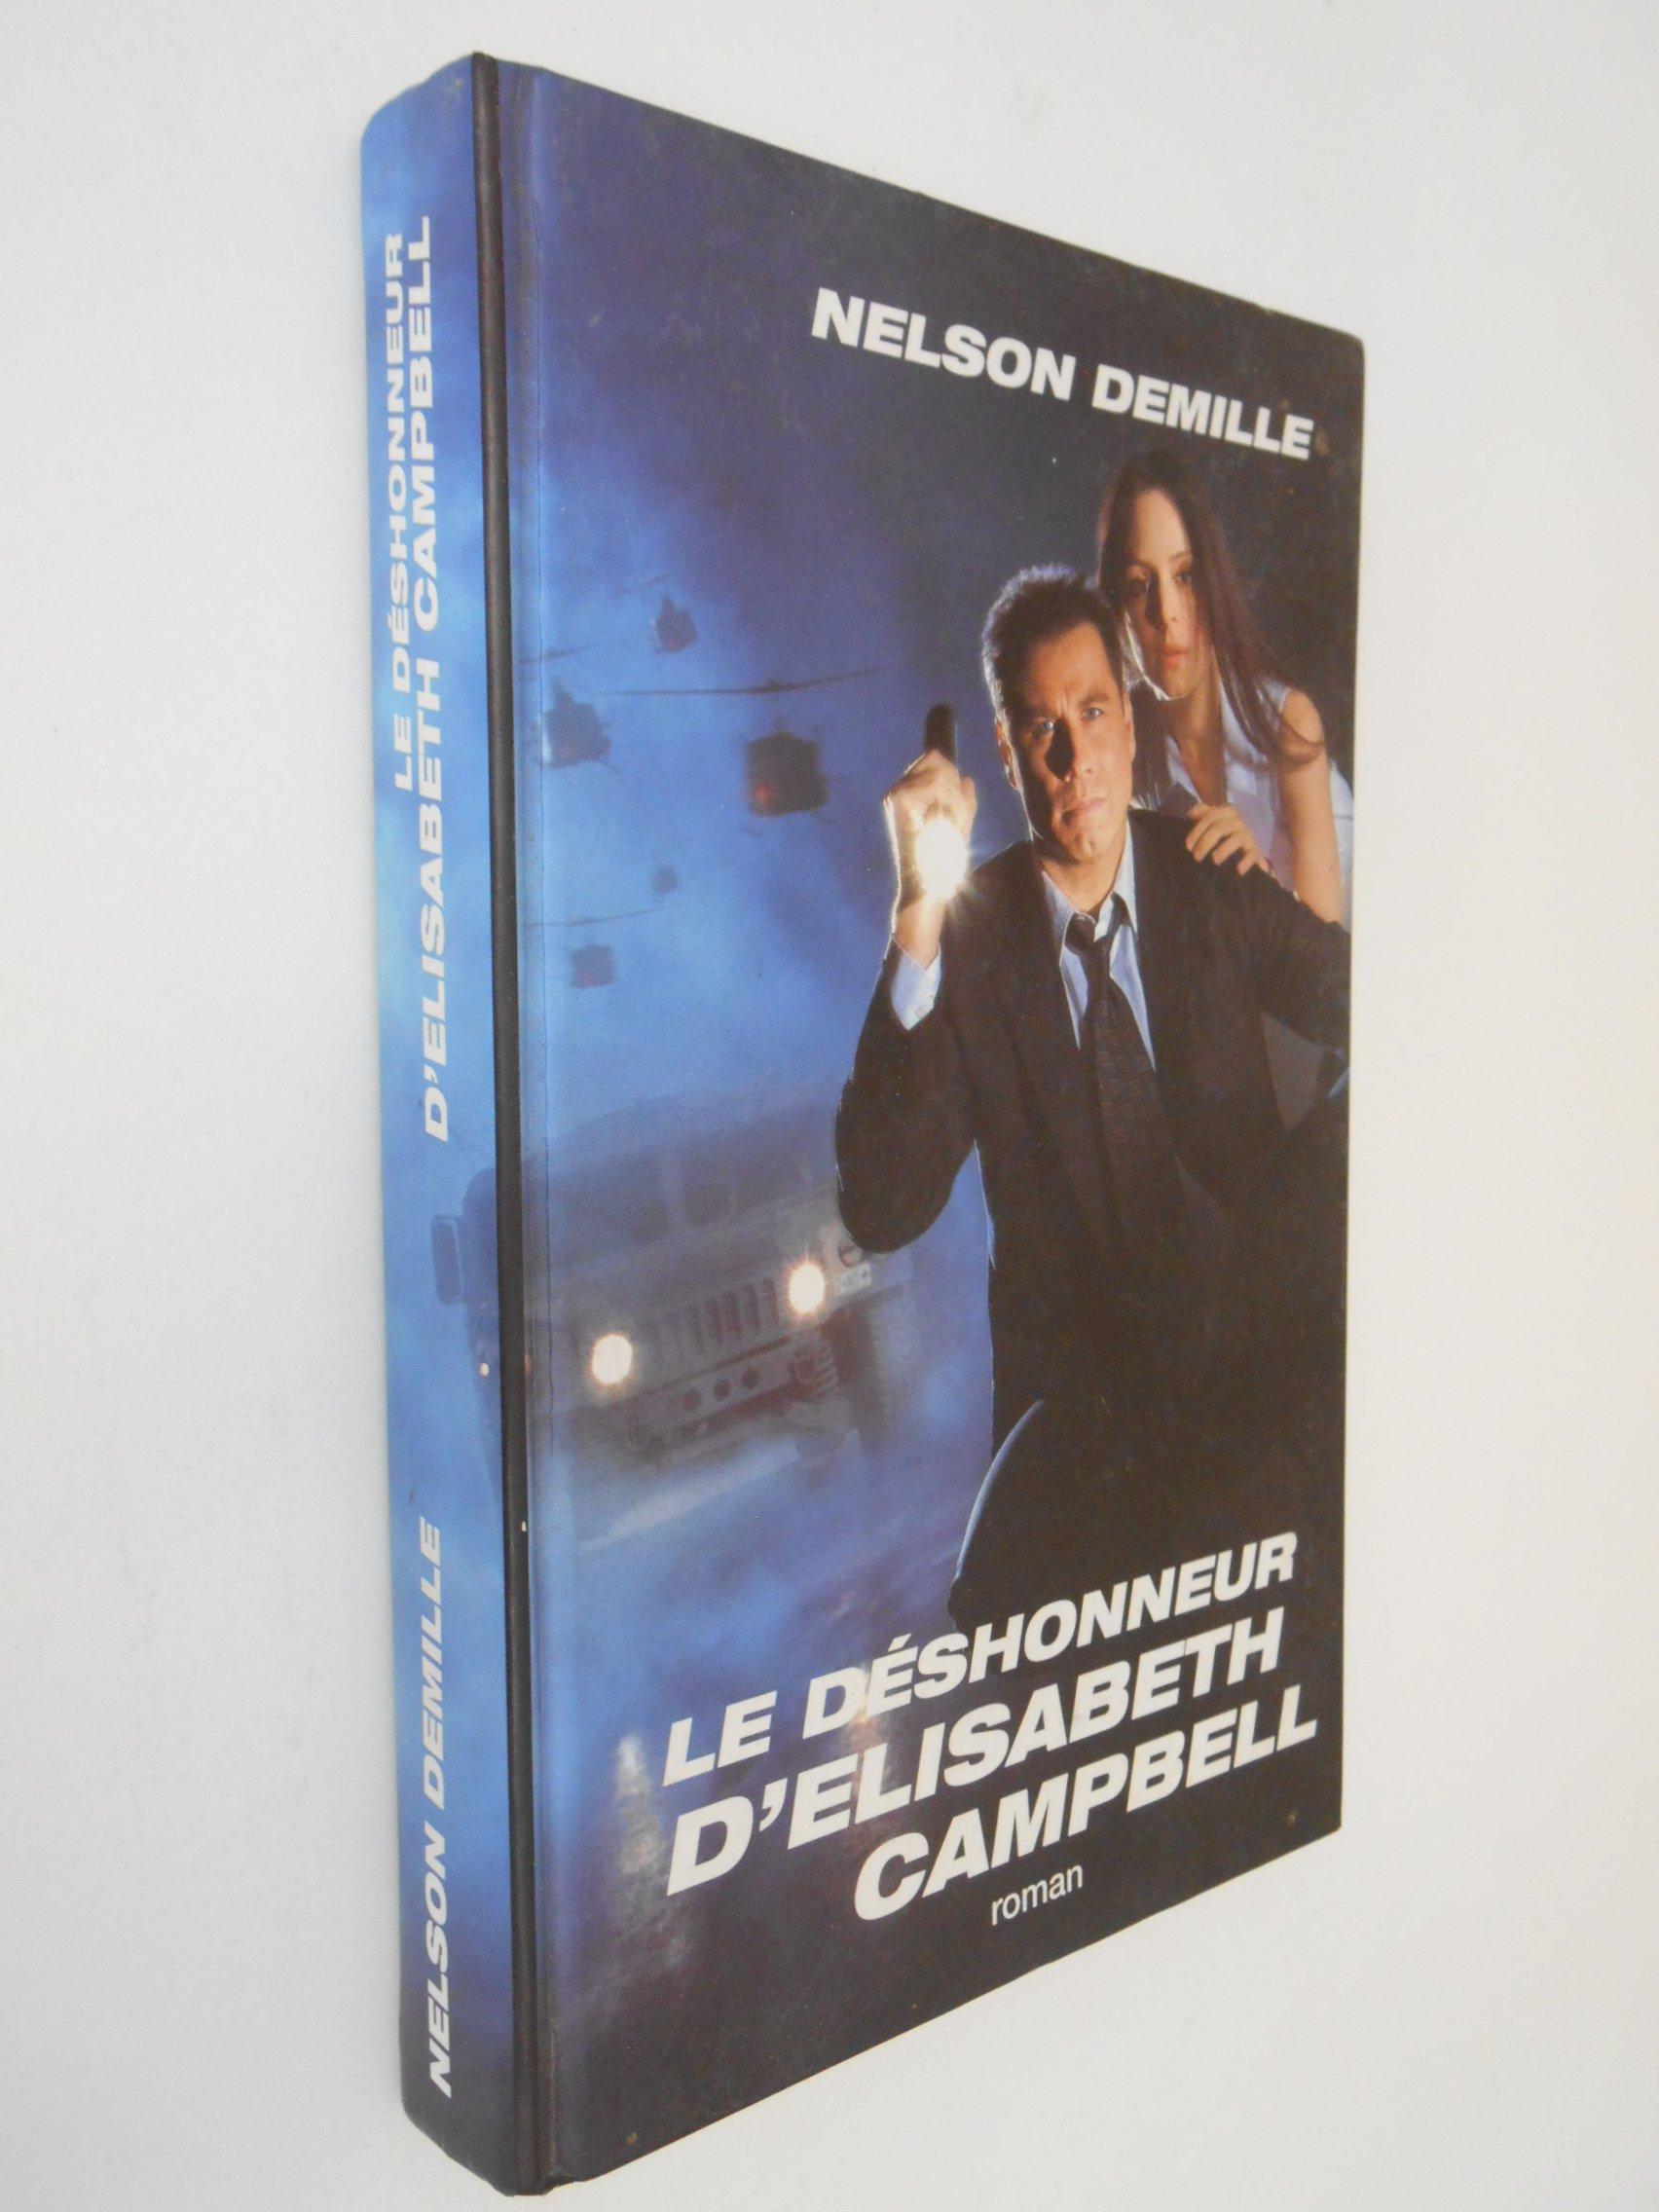 COMPLET CAMPBELL FILM LE DÉSHONNEUR TÉLÉCHARGER DELISABETH